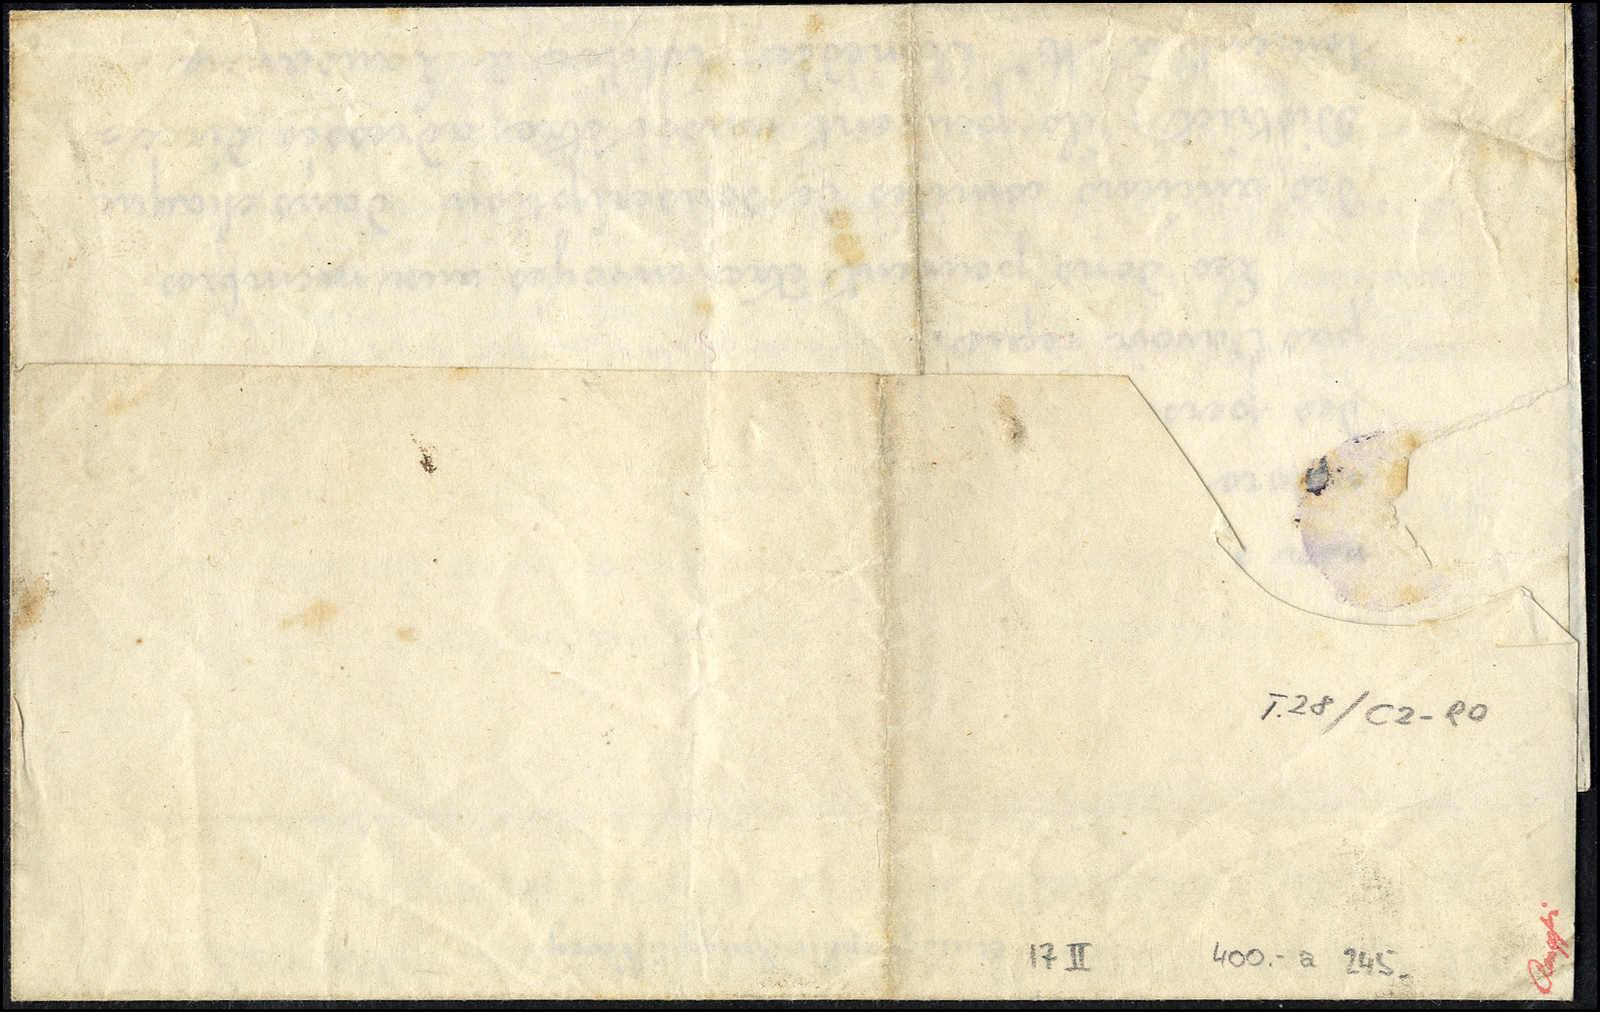 Lot 70 - sammlungen und posten sammlungen und posten altschweiz -  Rolli Auctions Auction #68 Day 1